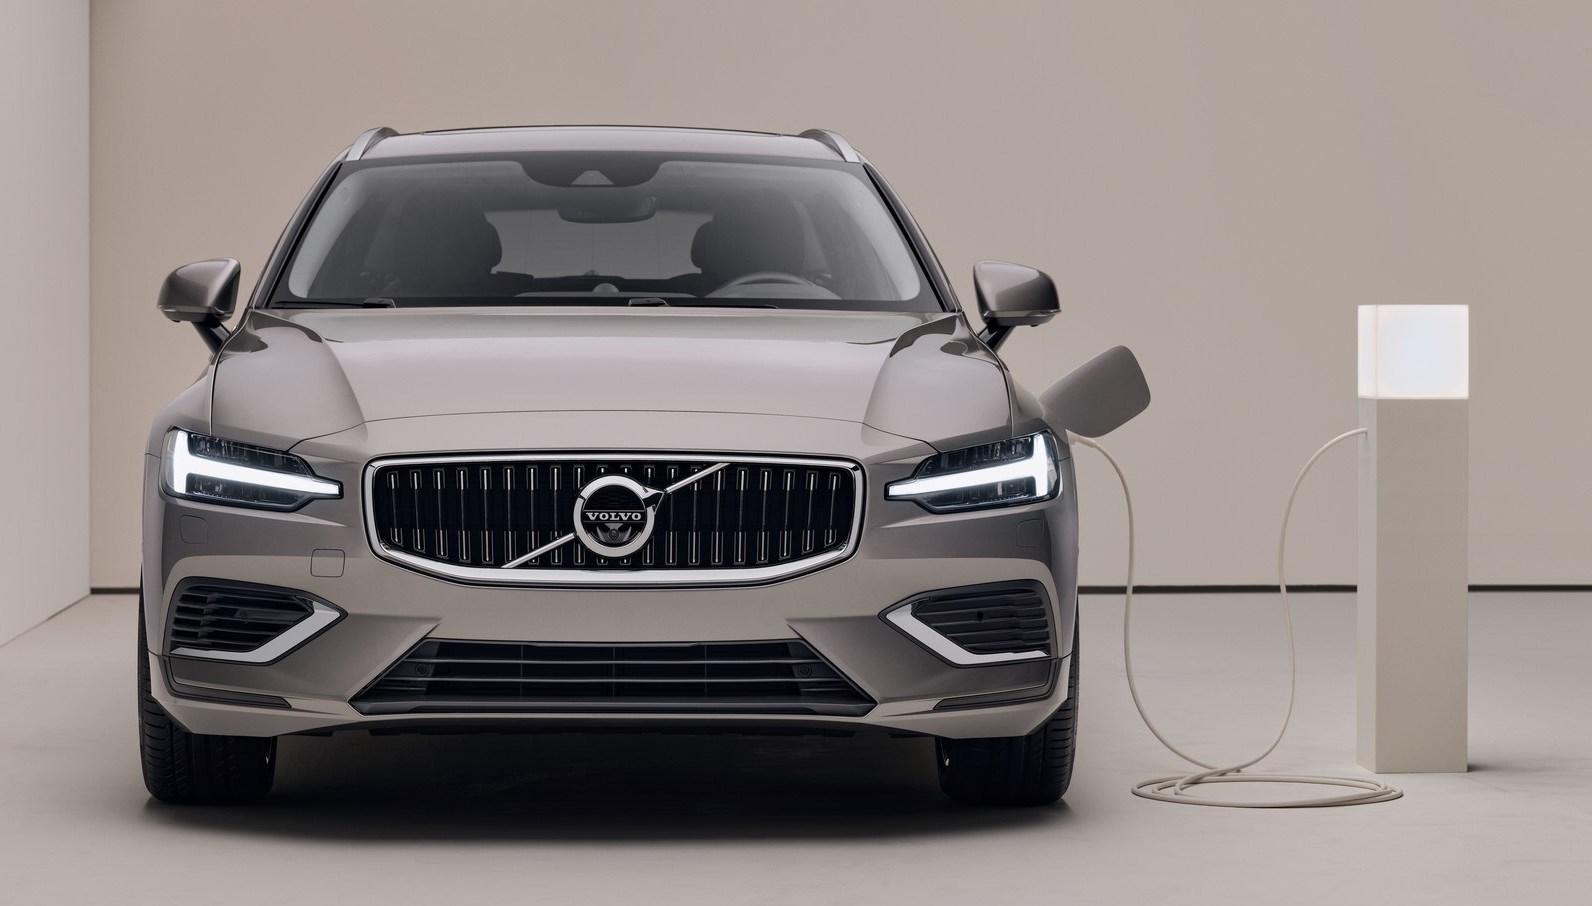 Volvo toppar listan över Sveriges populäraste laddhybrider.